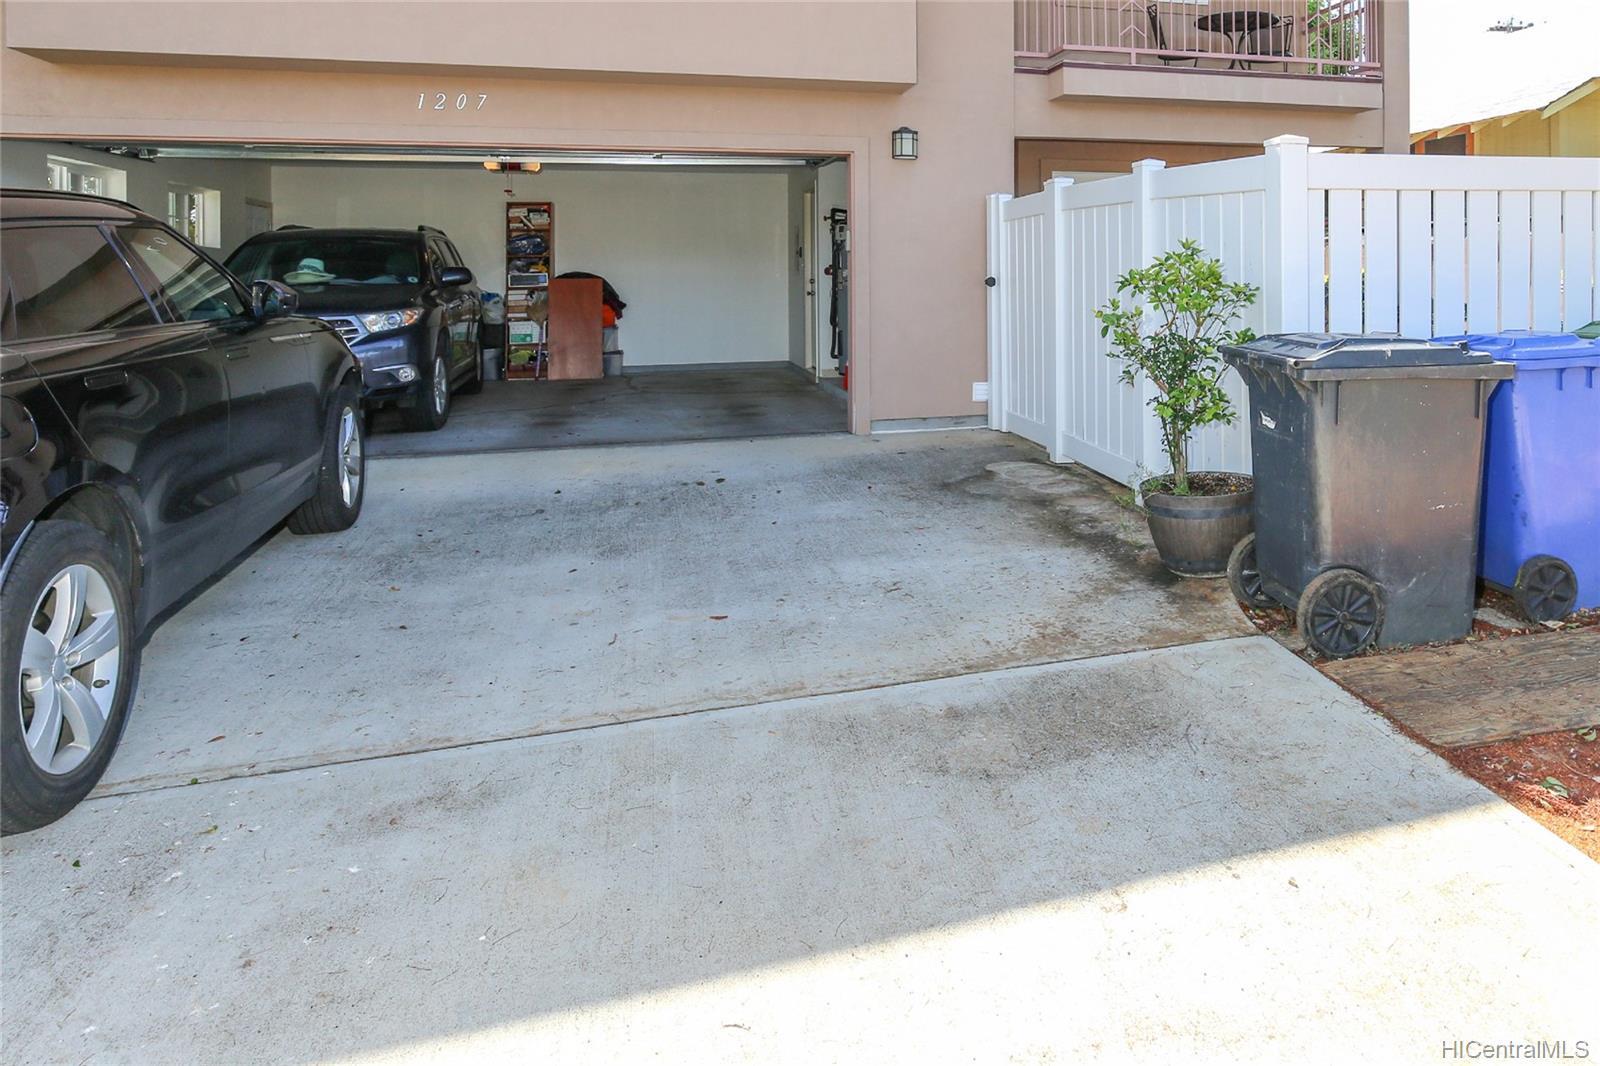 1207 16th Ave Honolulu - Rental - photo 22 of 22